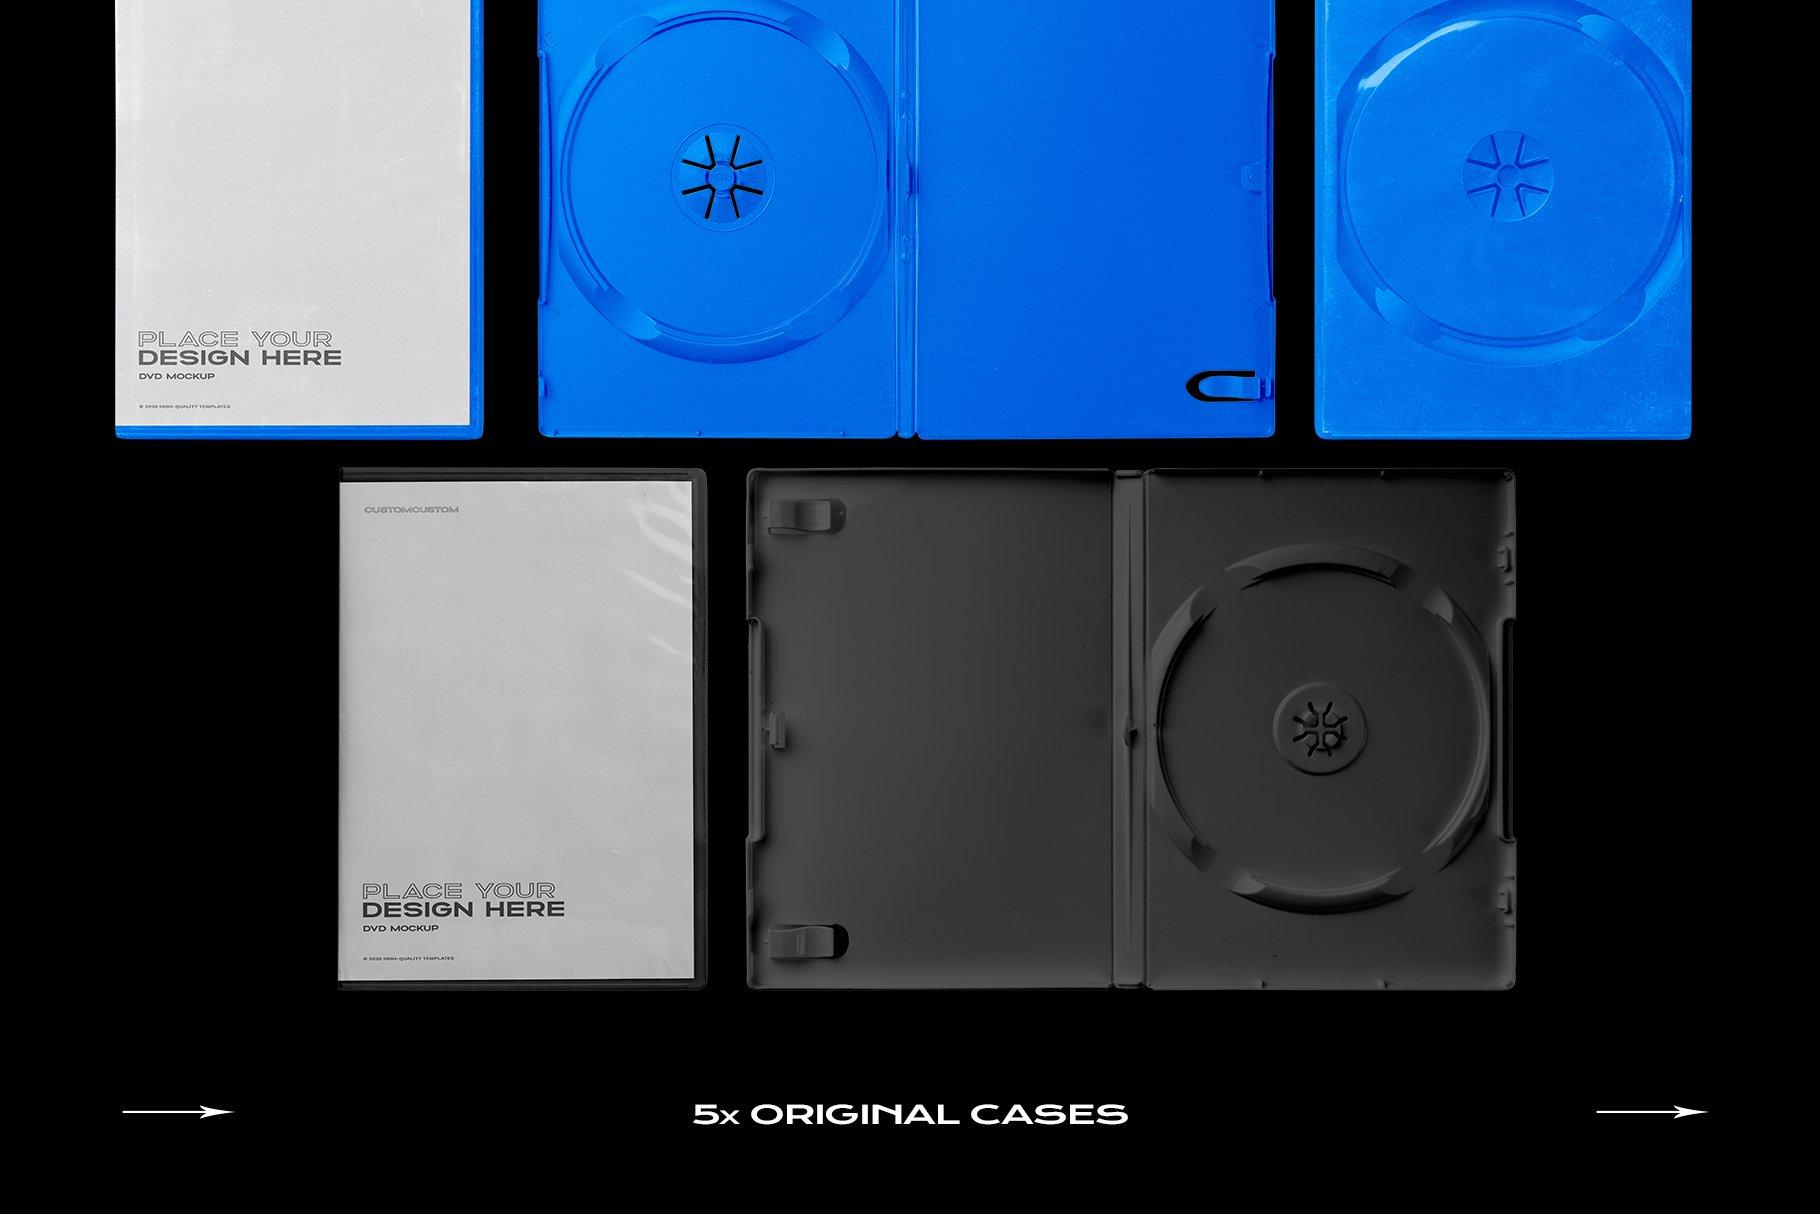 [淘宝购买] 60个DVD光盘包装盒塑料袋塑料膜贴纸样机PS设计素材 DVD Case Mockup Template Bundle Disc插图(22)